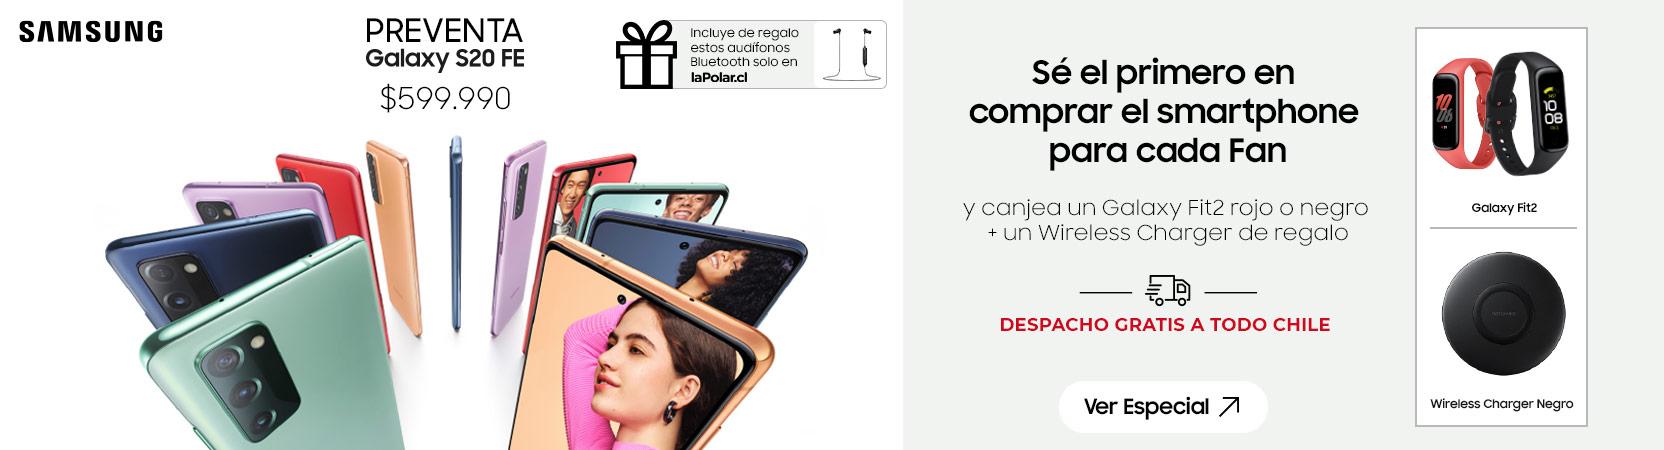 Gráfica Samsung   Lanzamiento S20 FE